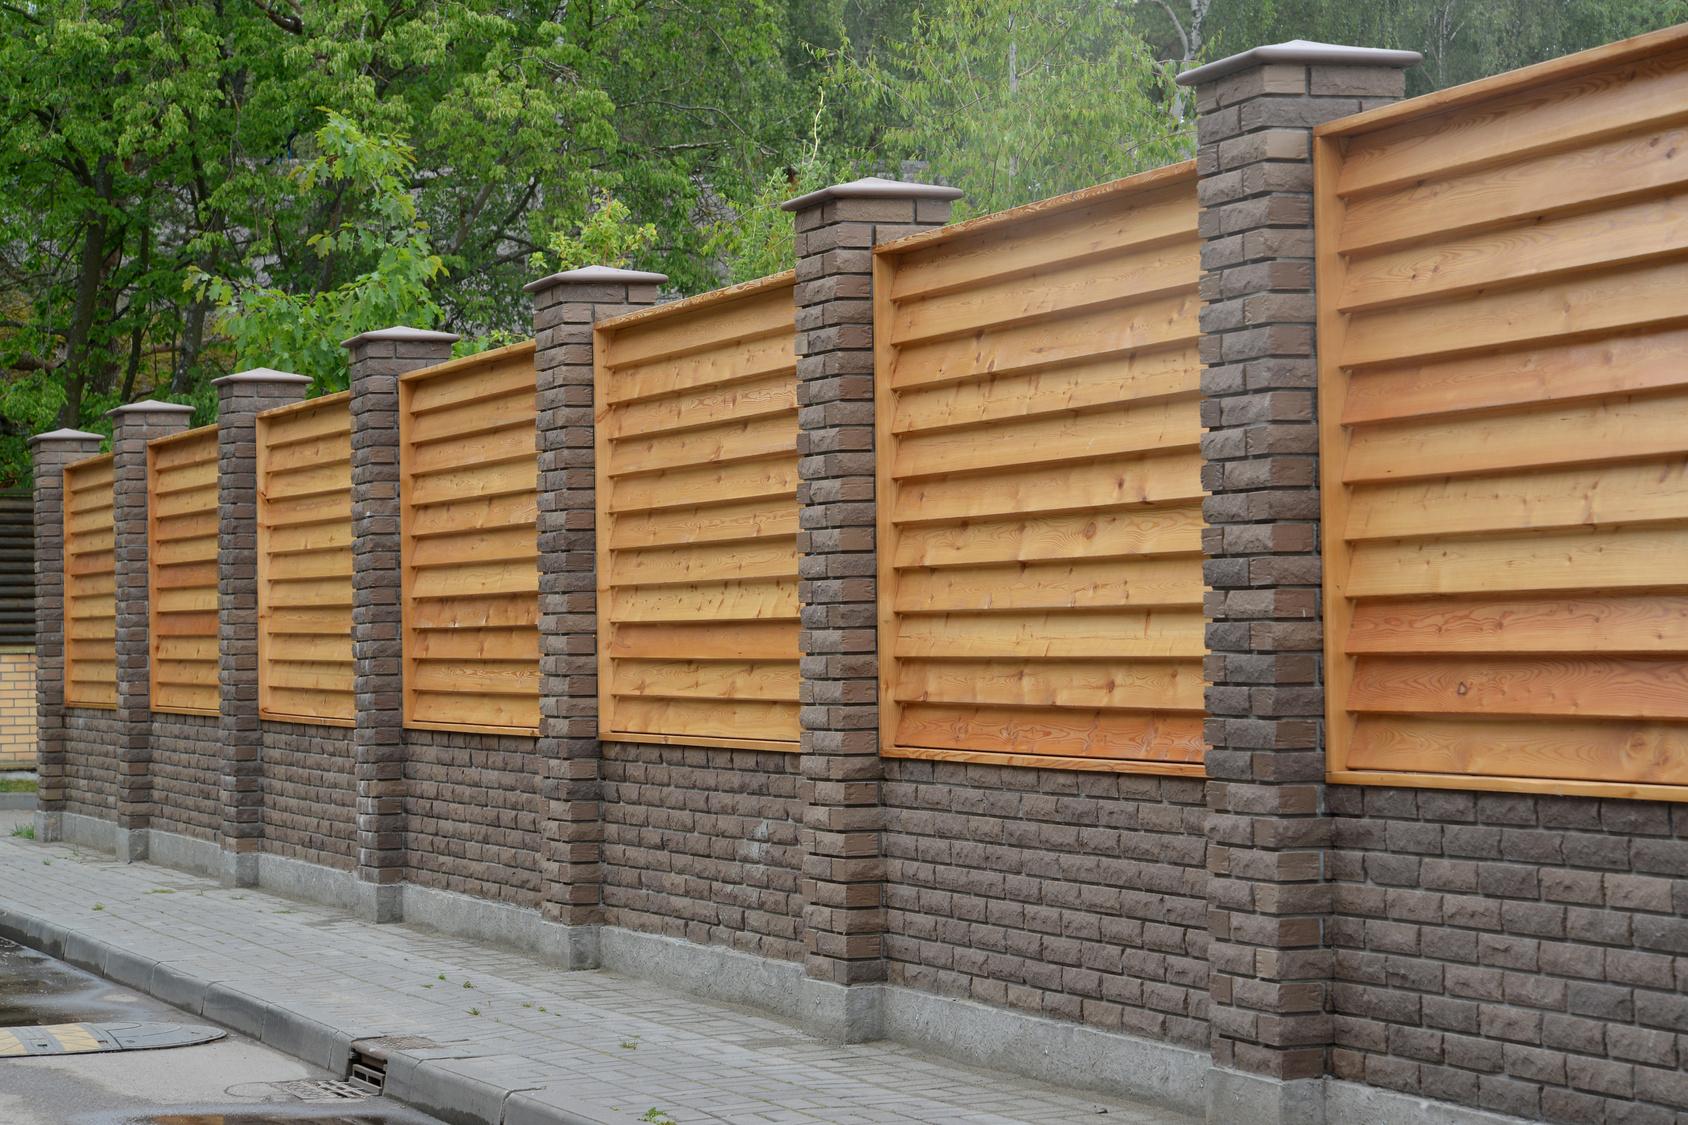 Mur de clôture en brique et bois